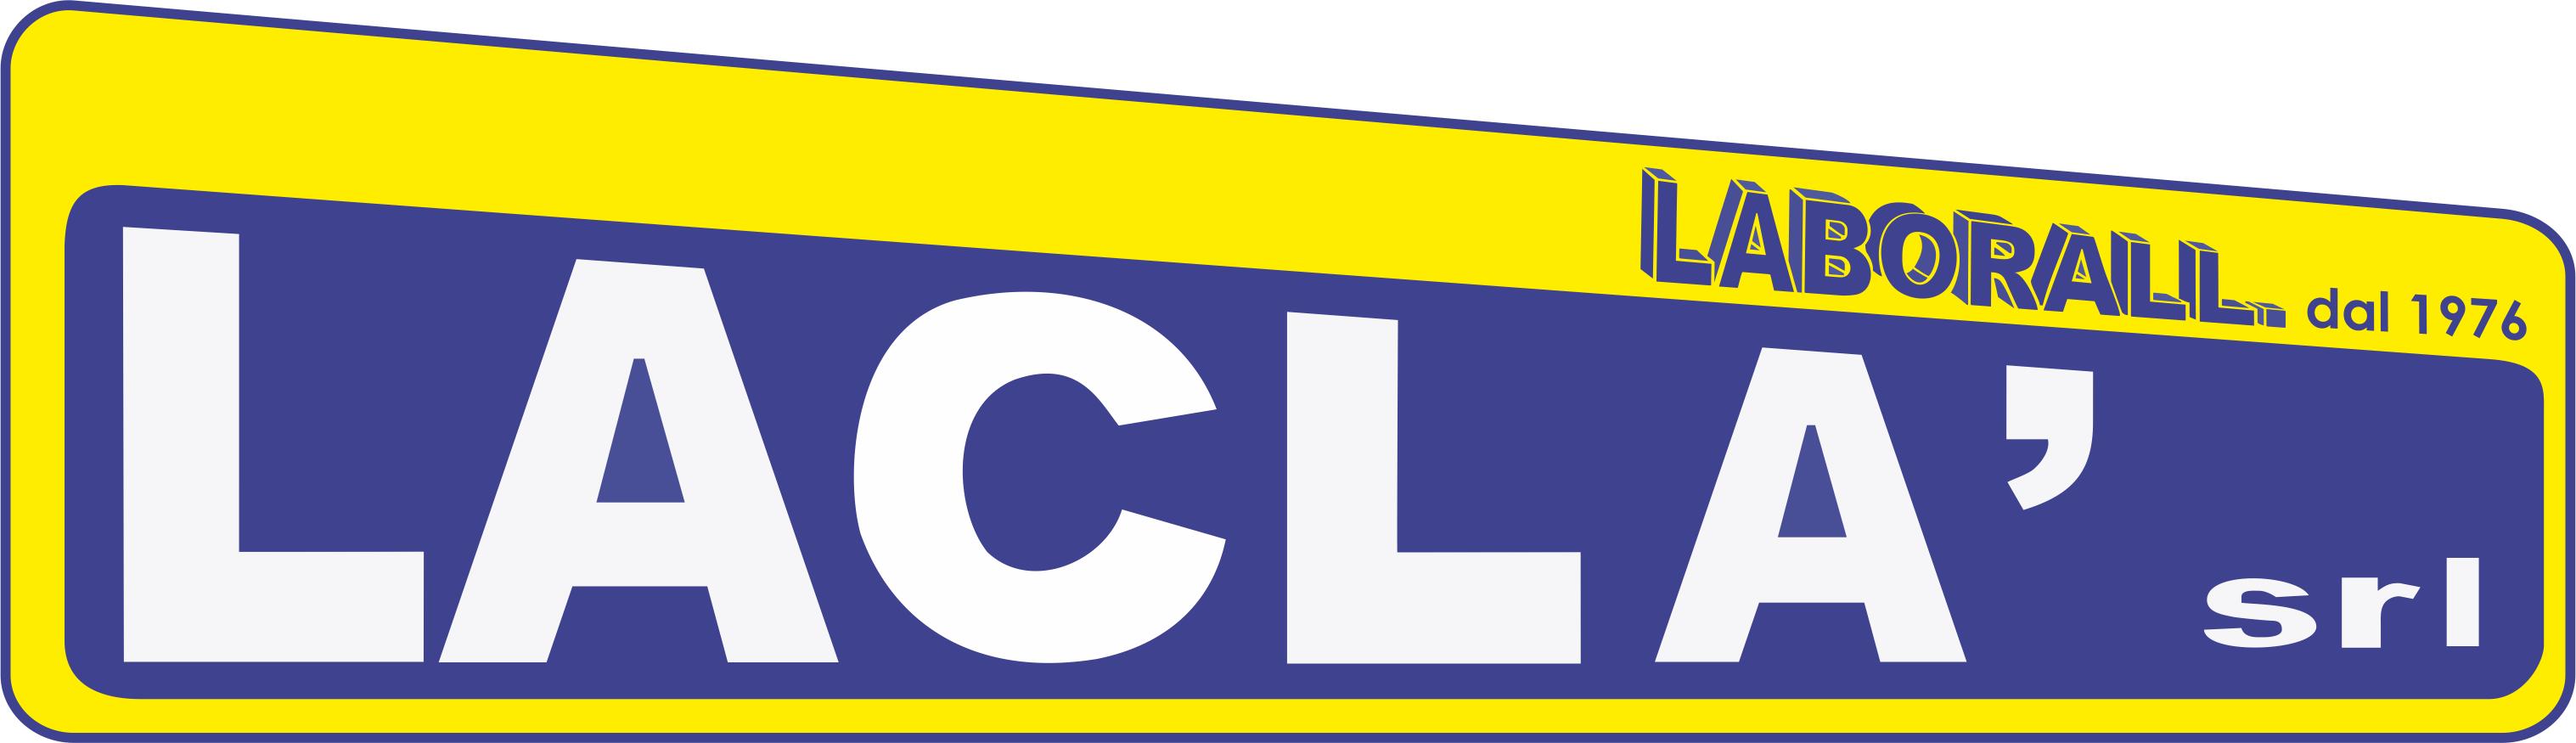 LaCla Ltd.